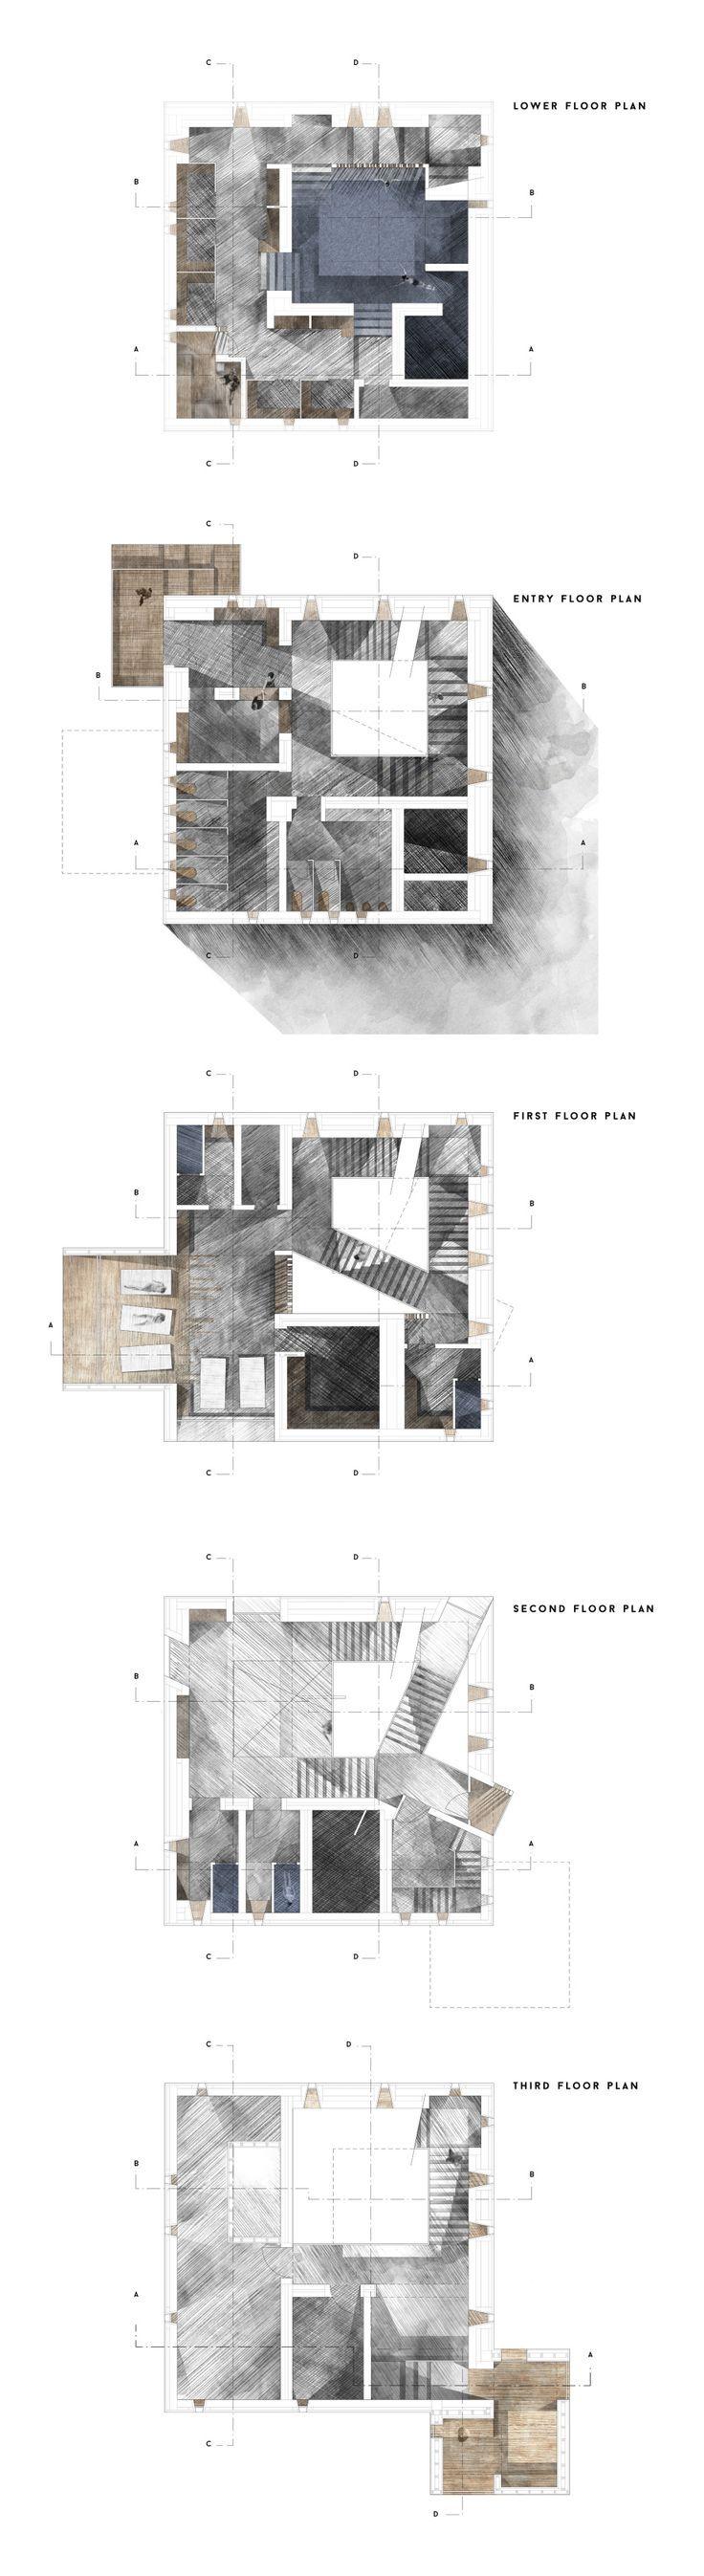 Very atmospheric floor plans by Alex Kindlen: